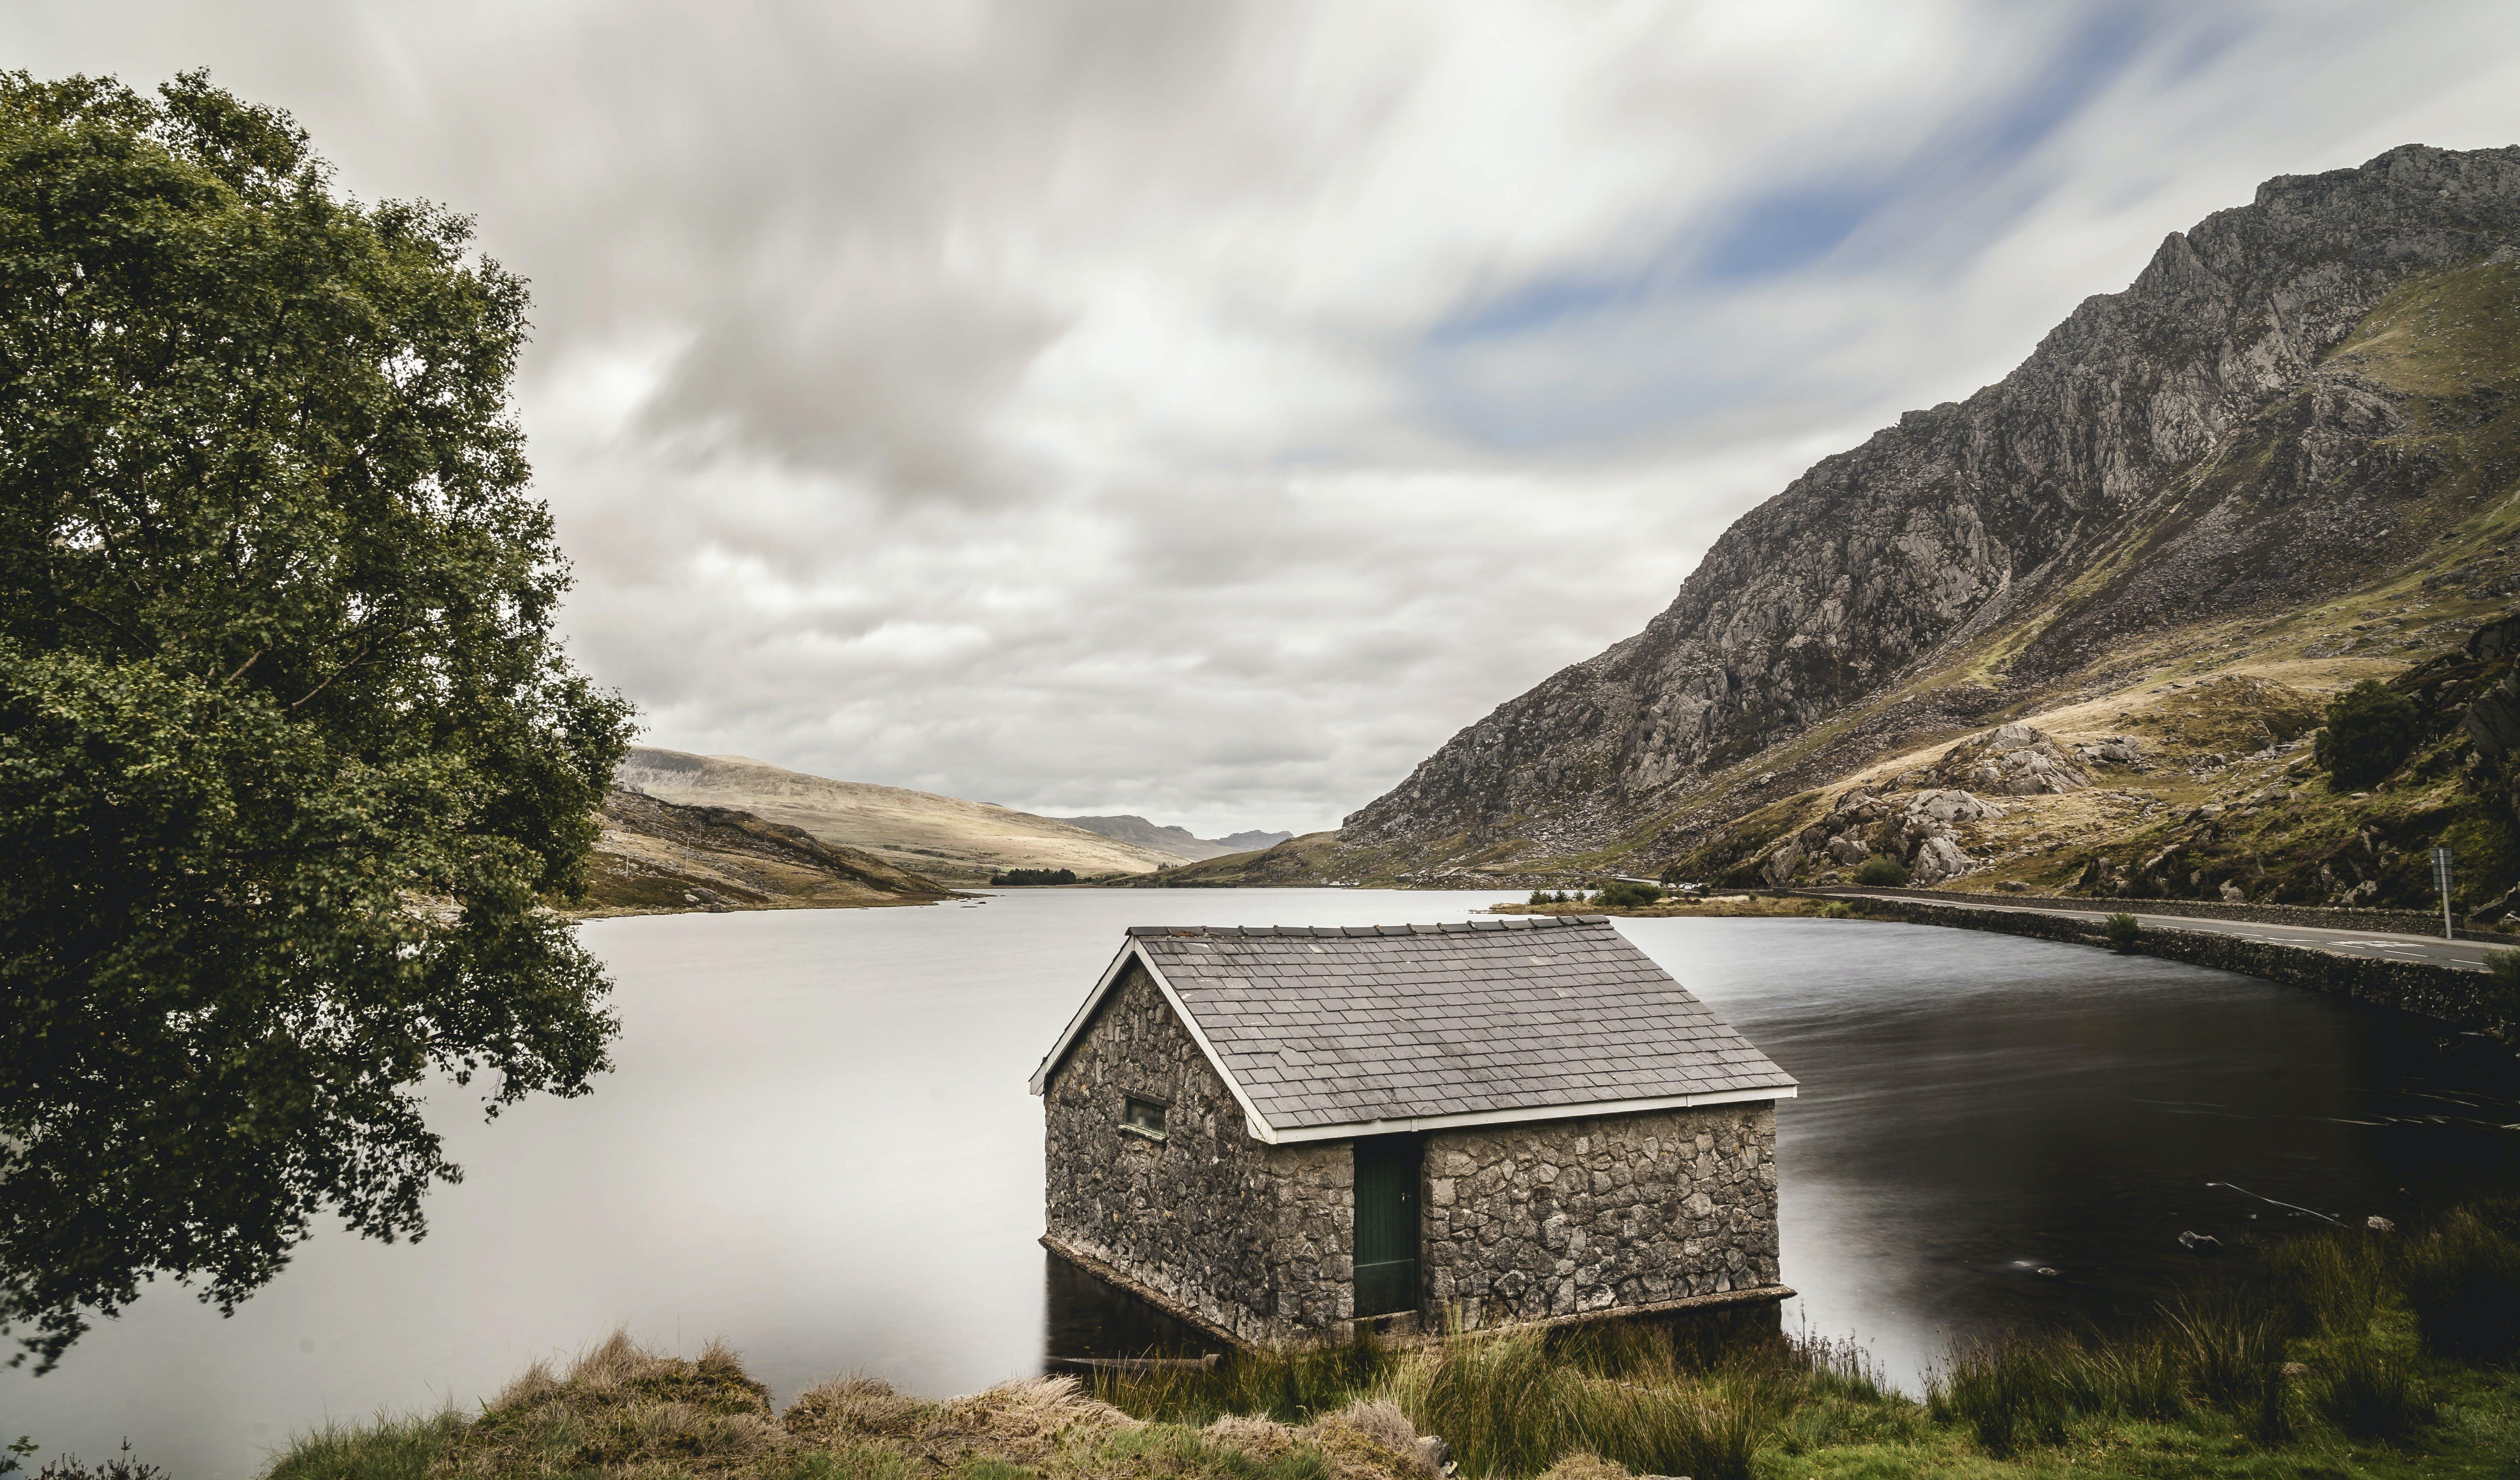 Cabin Near Calm Water